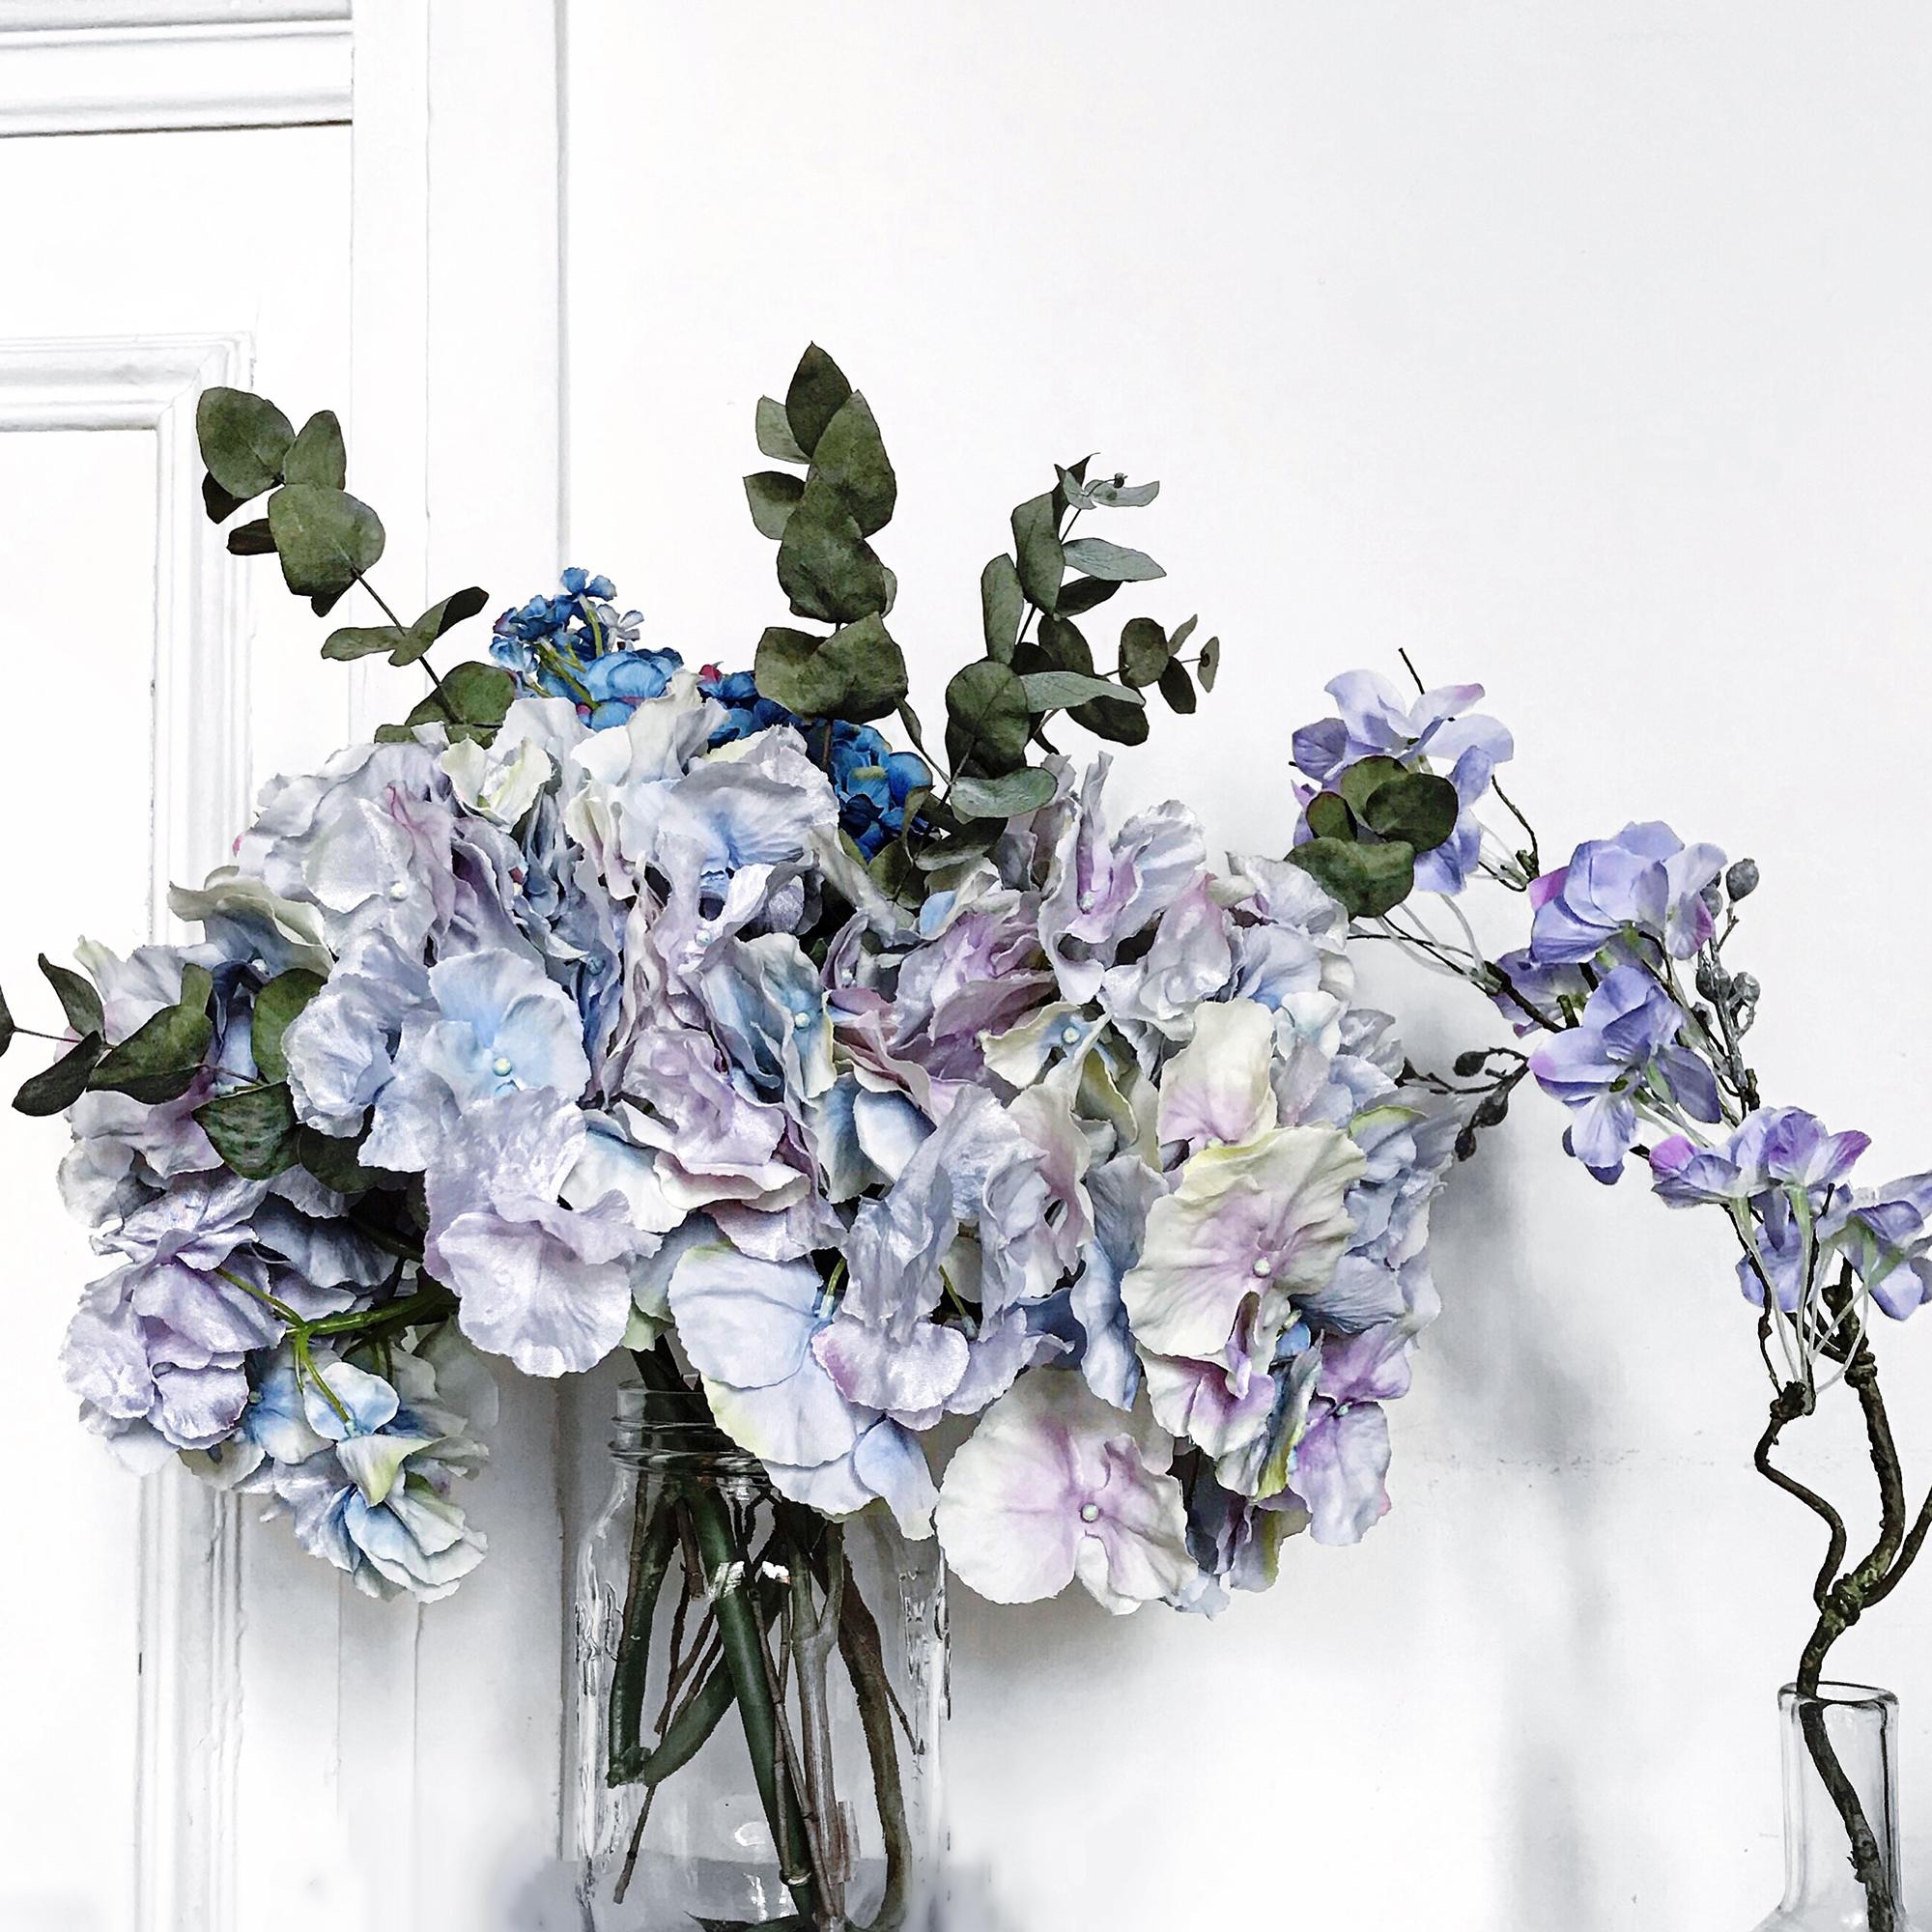 9229bfca6435 J adore les hortensias, ils font partie de mes fleurs préférées. Ils me  rappellent la Bretagne où j ai passé mes vacances pendant 20 ans.